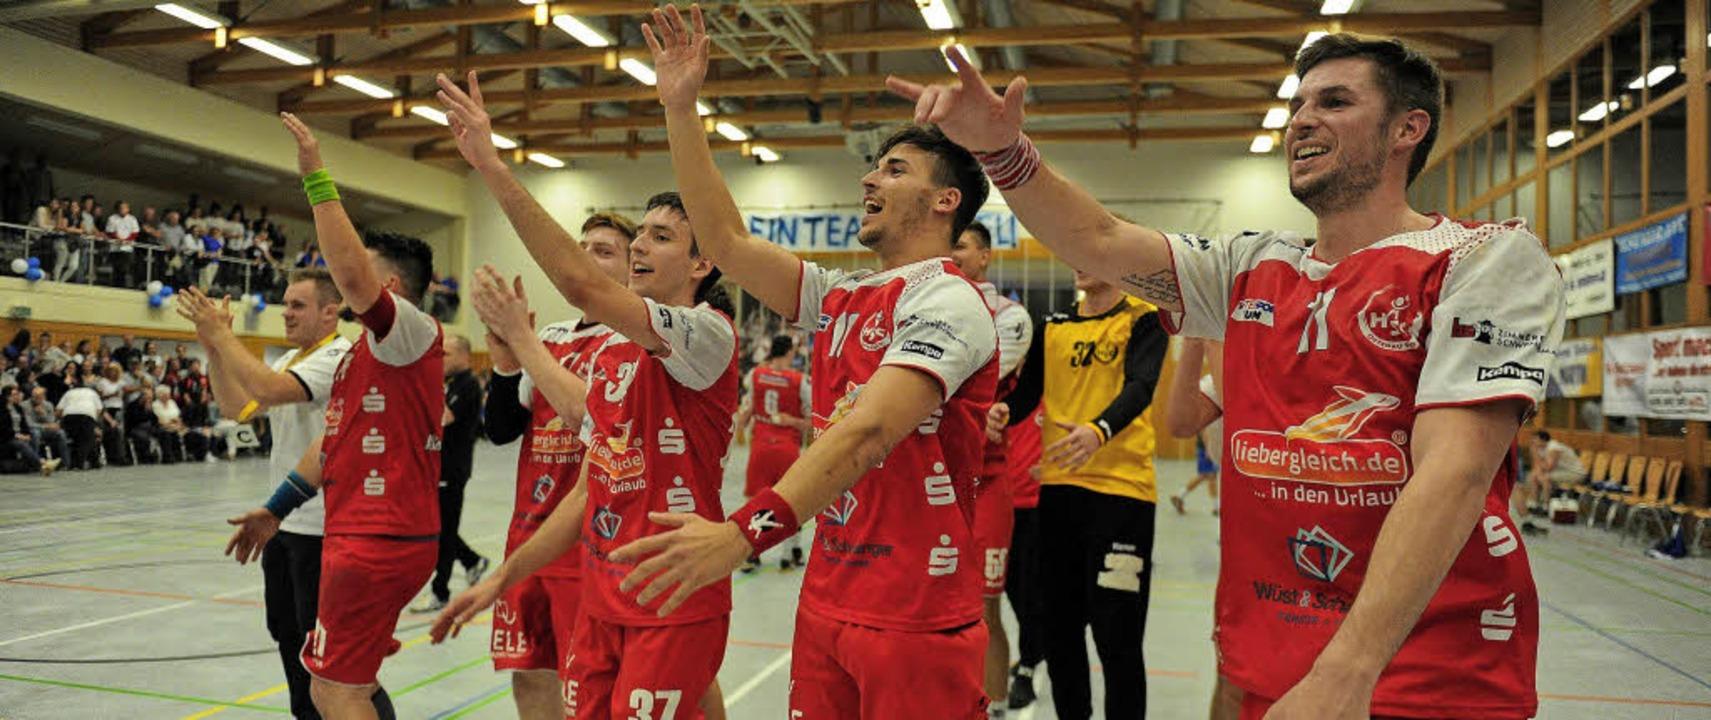 Die HSG Ortenau feiert das Unentschieden in Ohlsbach wie einen Sieg.   | Foto:  Pressebüro Schaller